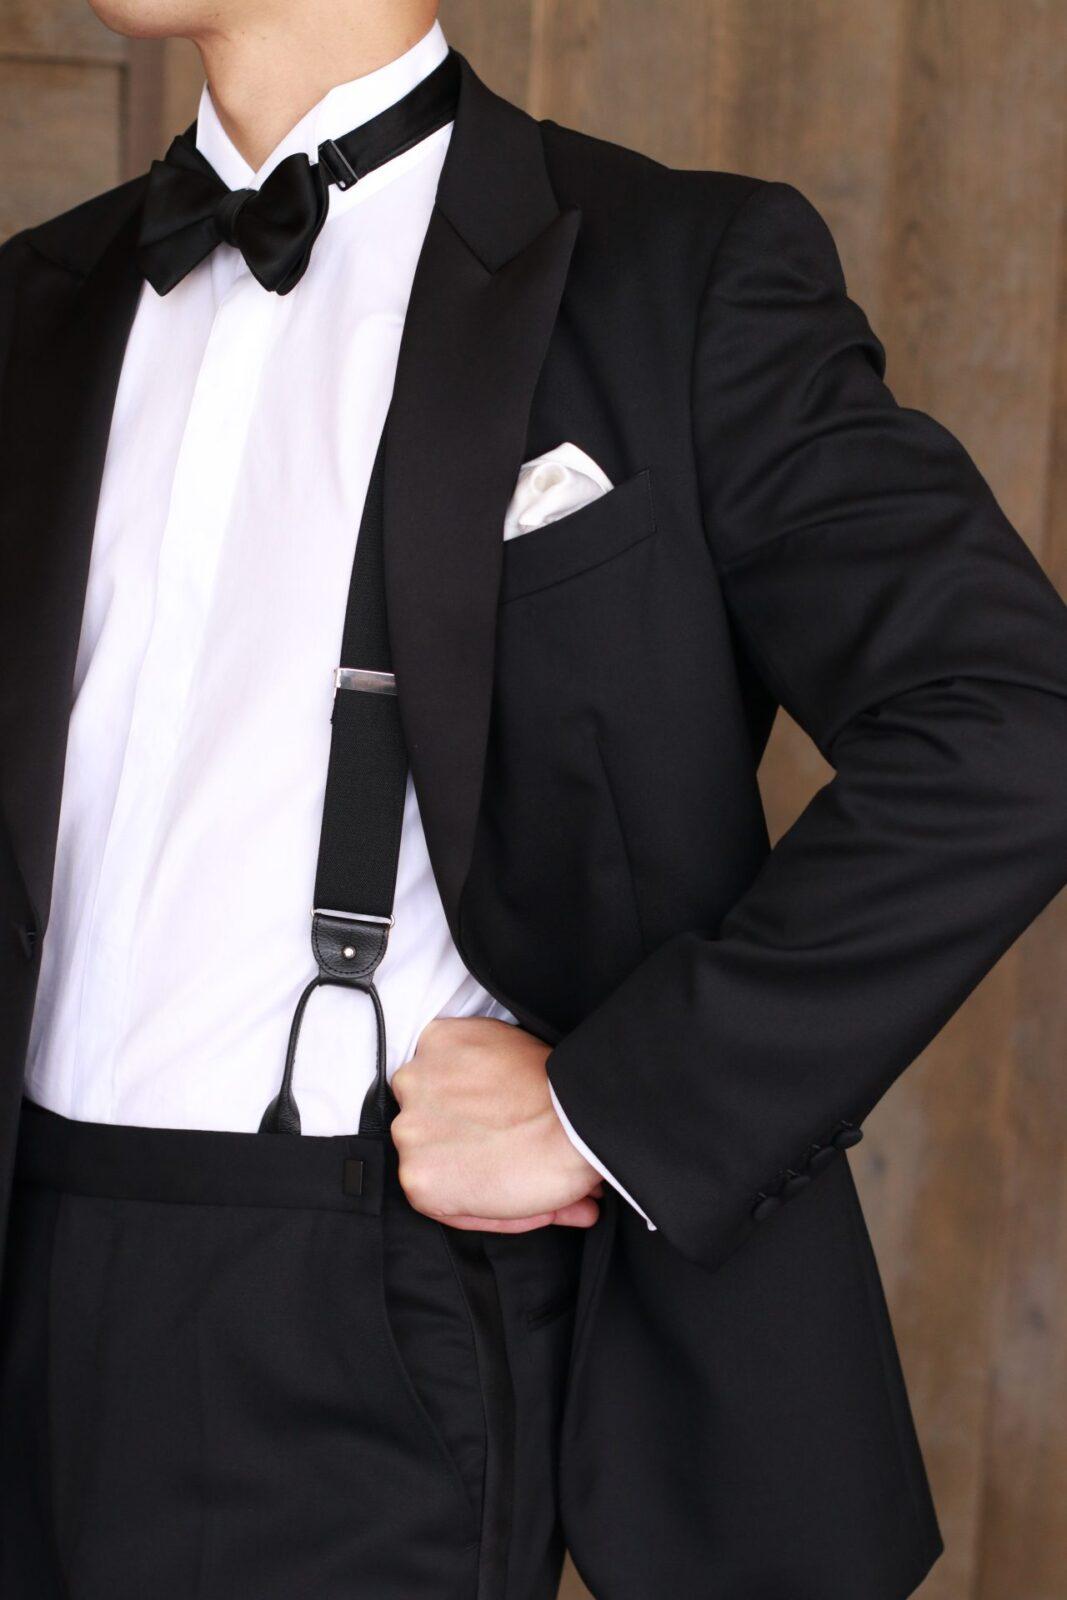 THETREATDRESSINGの提携会場パレスホテル東京などの格式あるホテルでの結婚式におススメの新郎様のスタイルは、ブラックのタキシードに、ブラックタイとサスペンダーを合わせた装いです